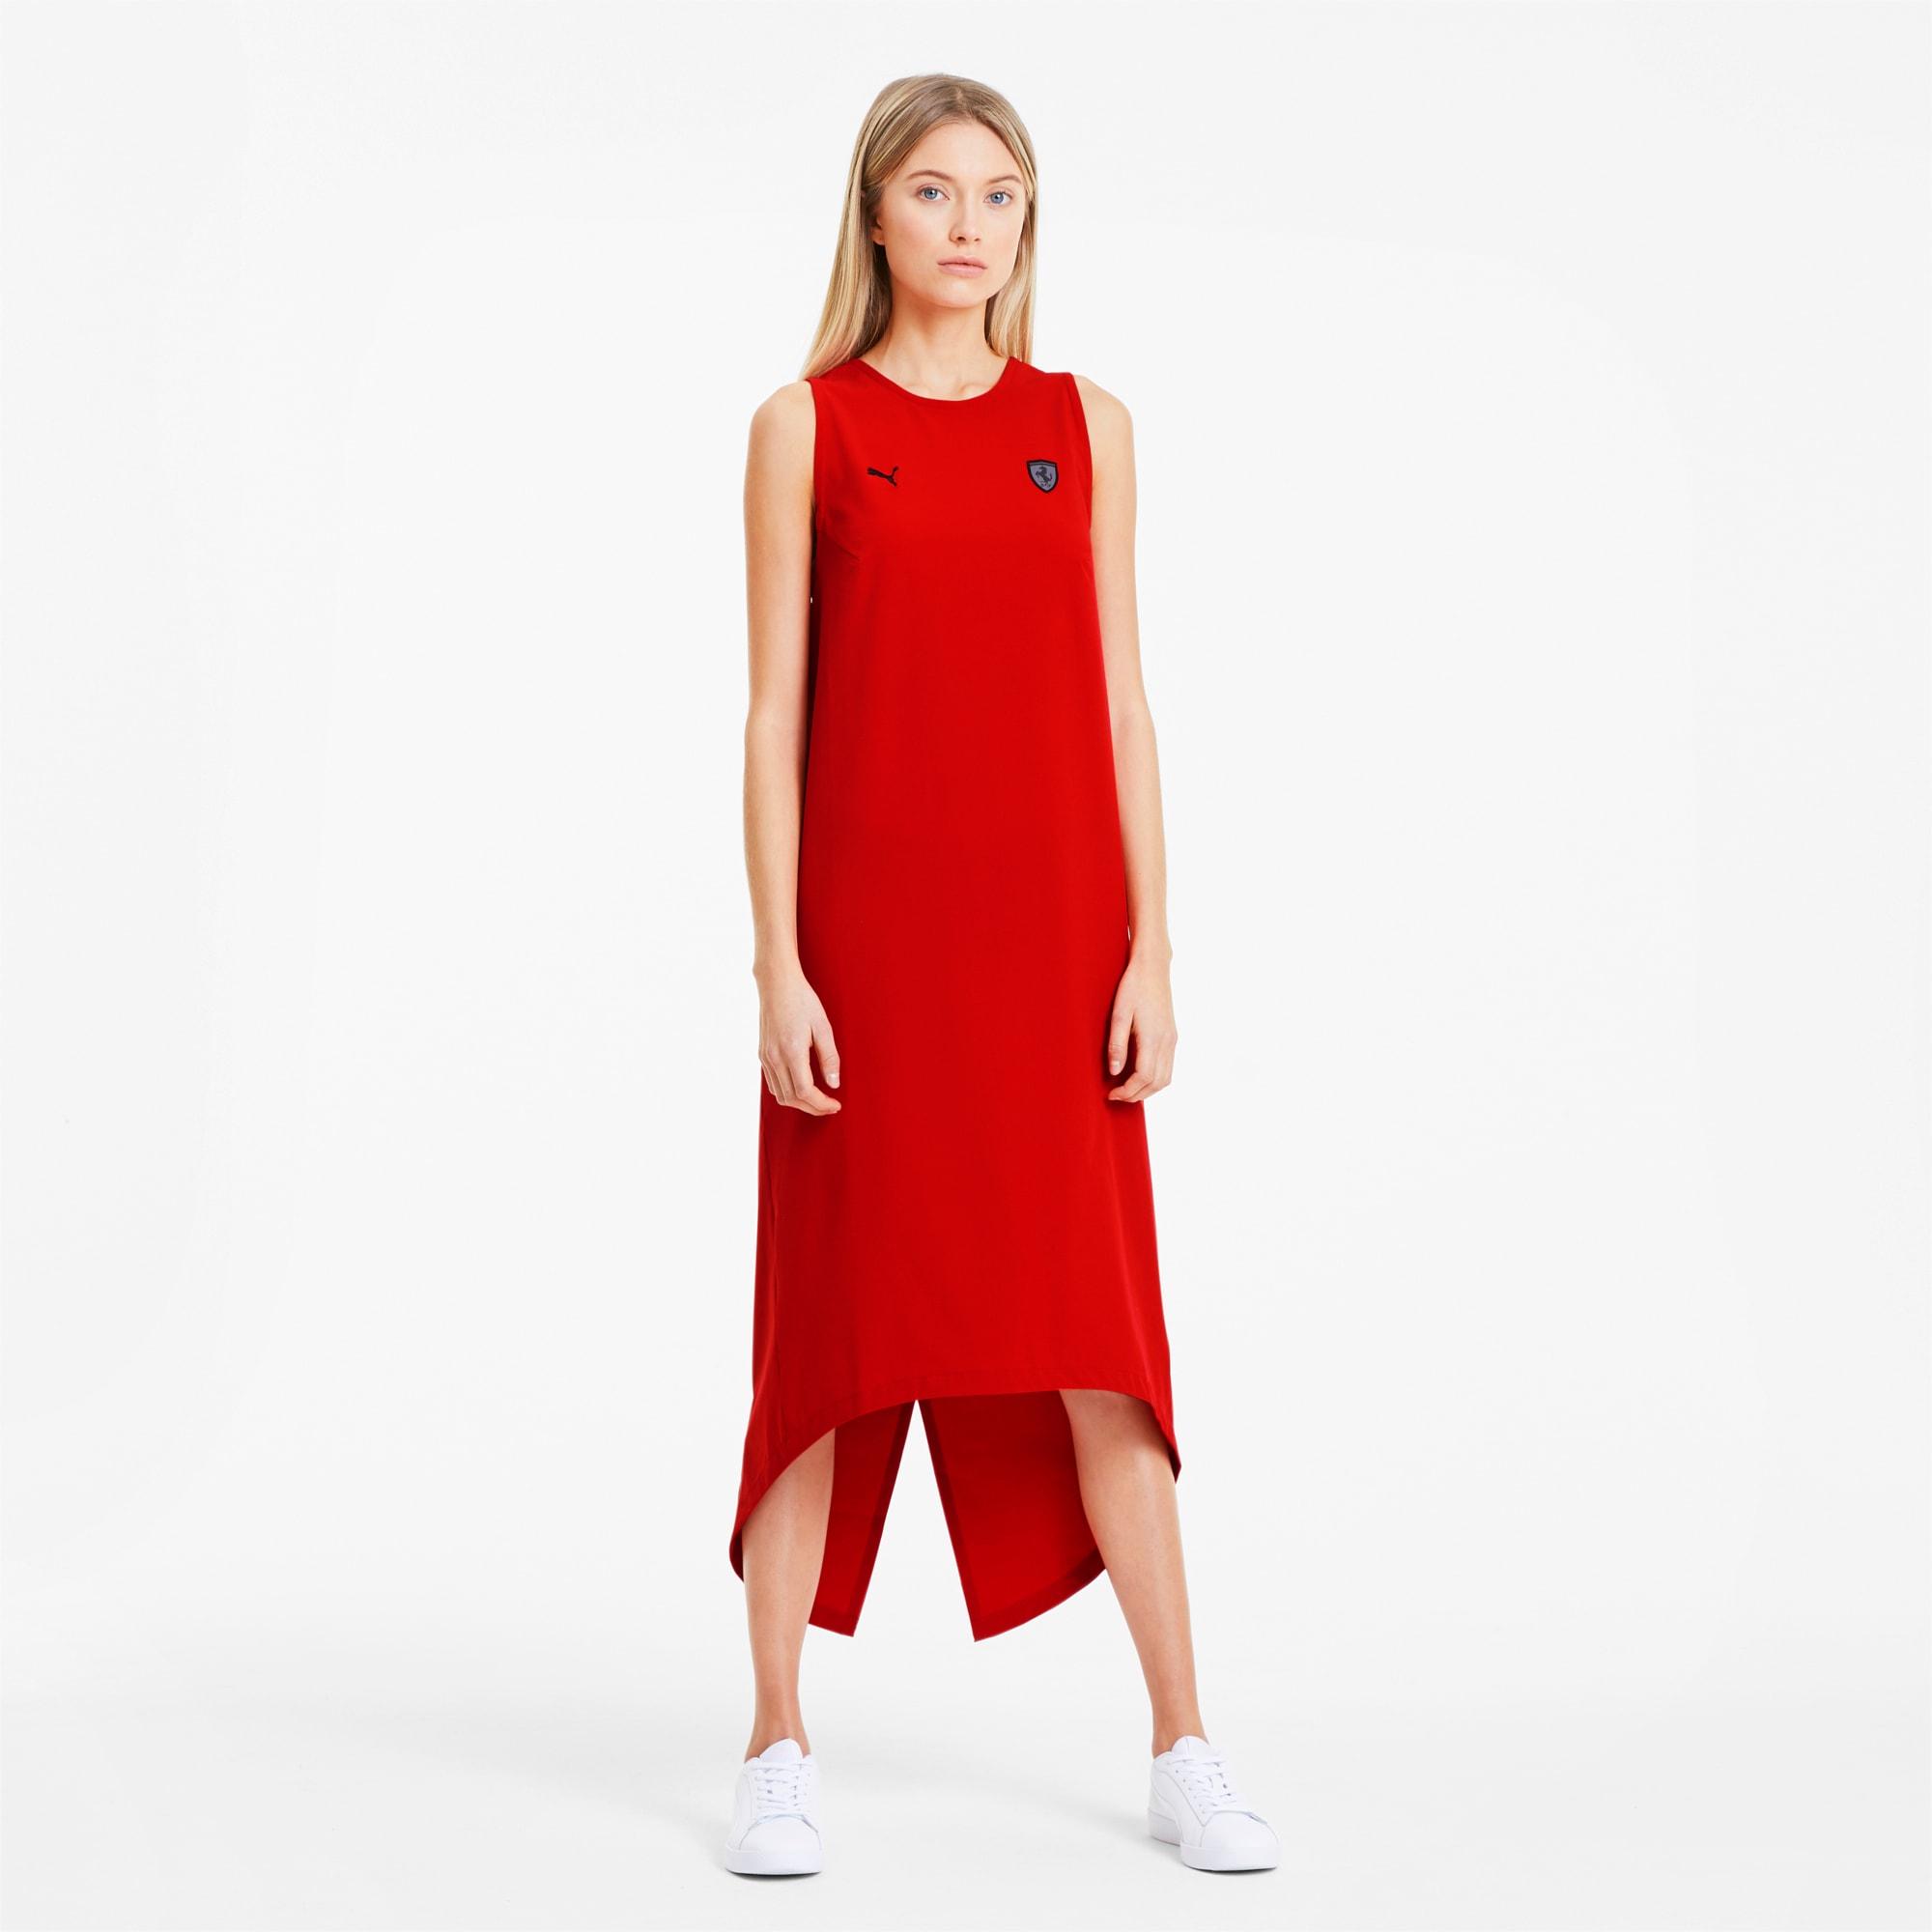 Scuderia Ferrari Women's Dress